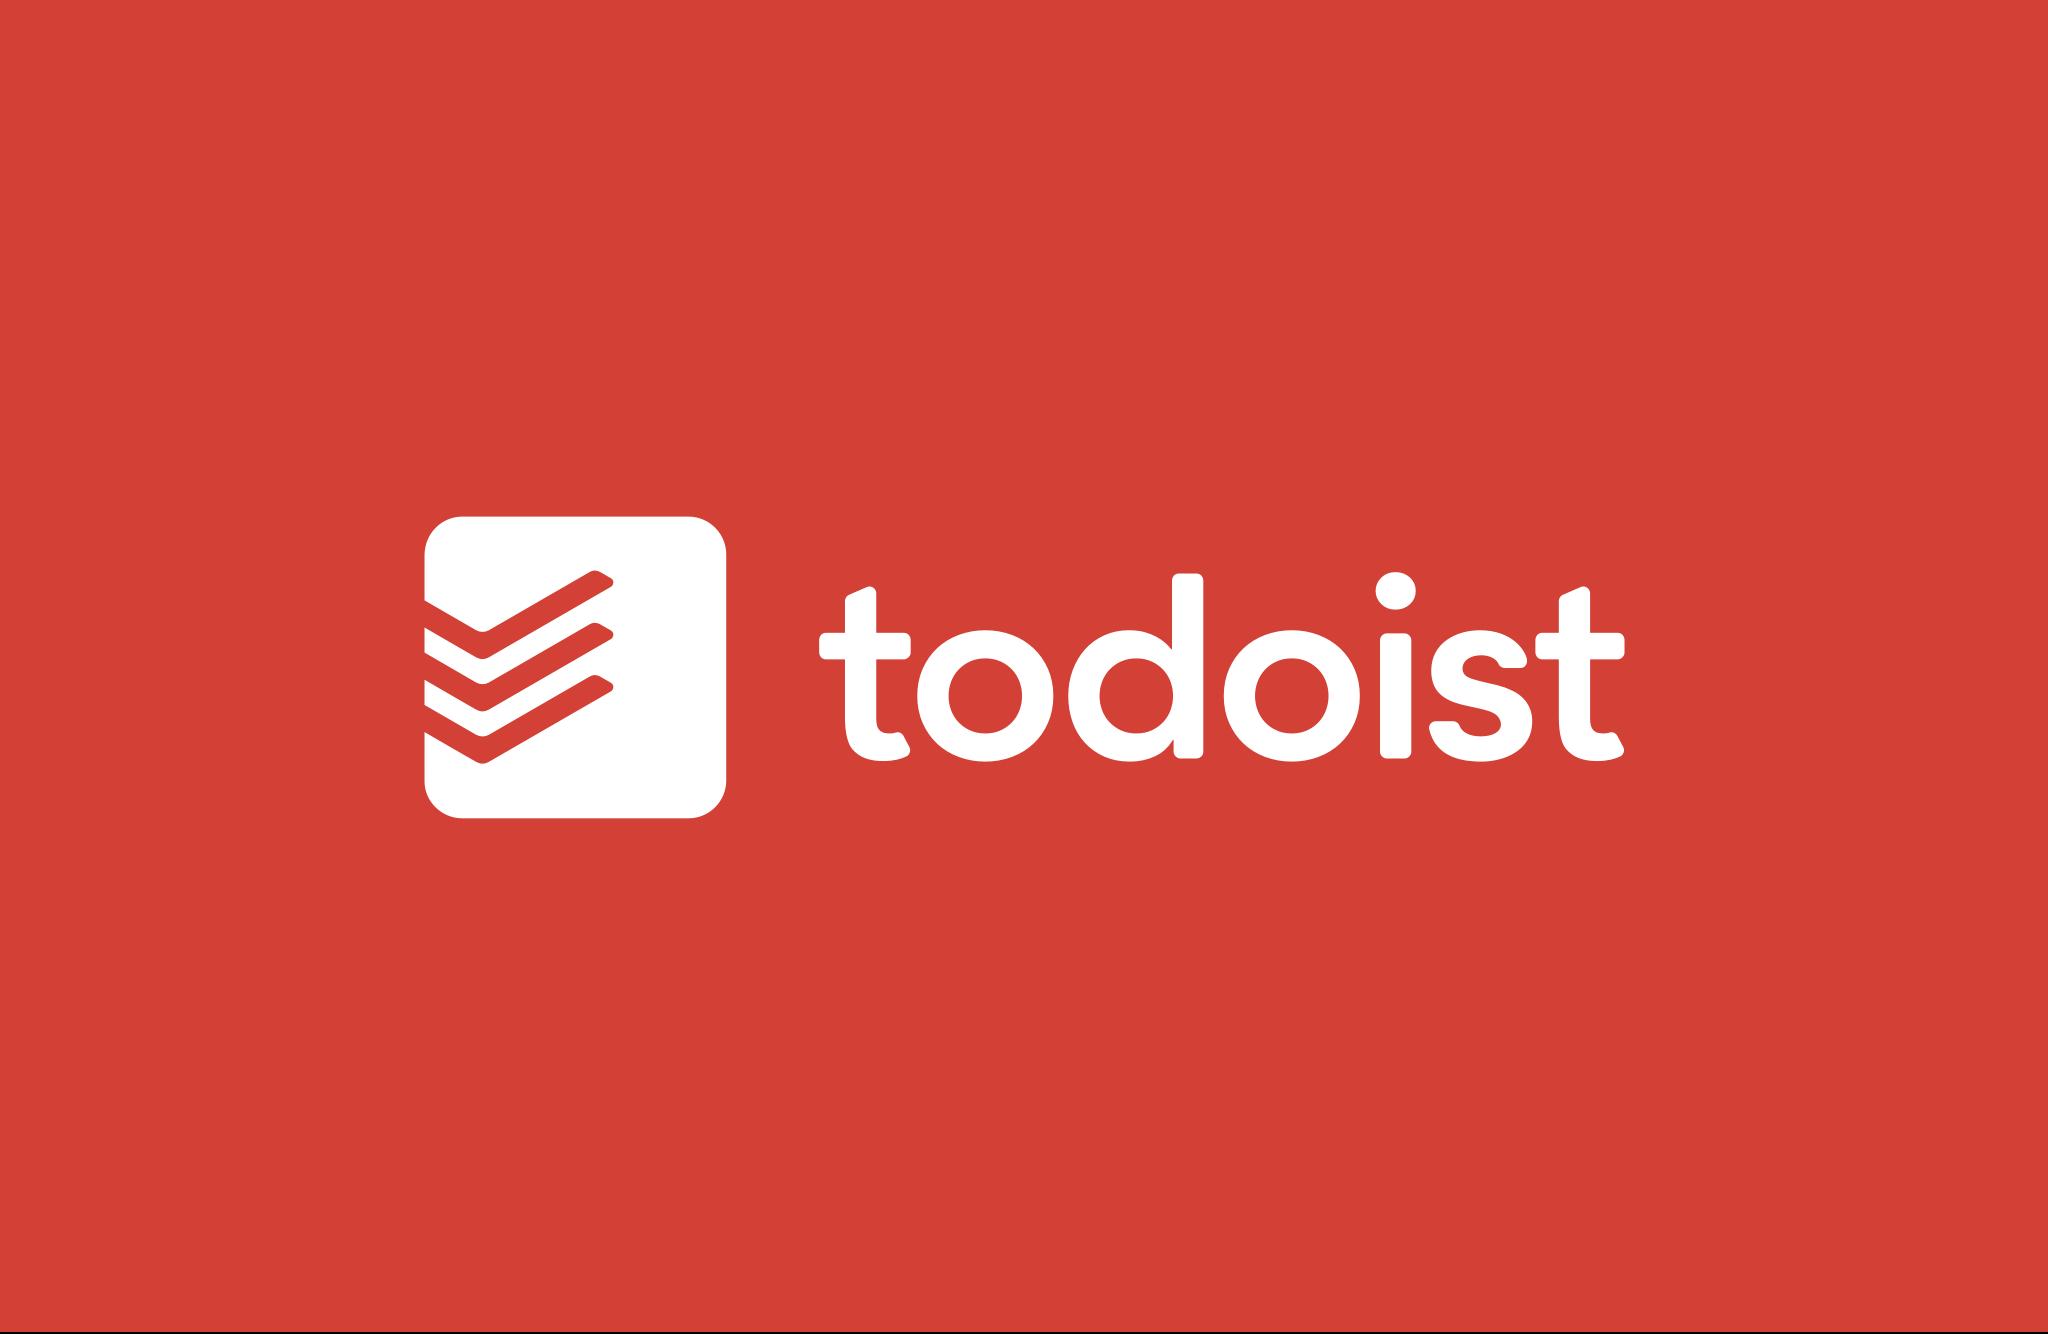 O Todoist e um aplicativo que utiliza inteligência artificial para ajudar você a organizar suas tarefas, veja: